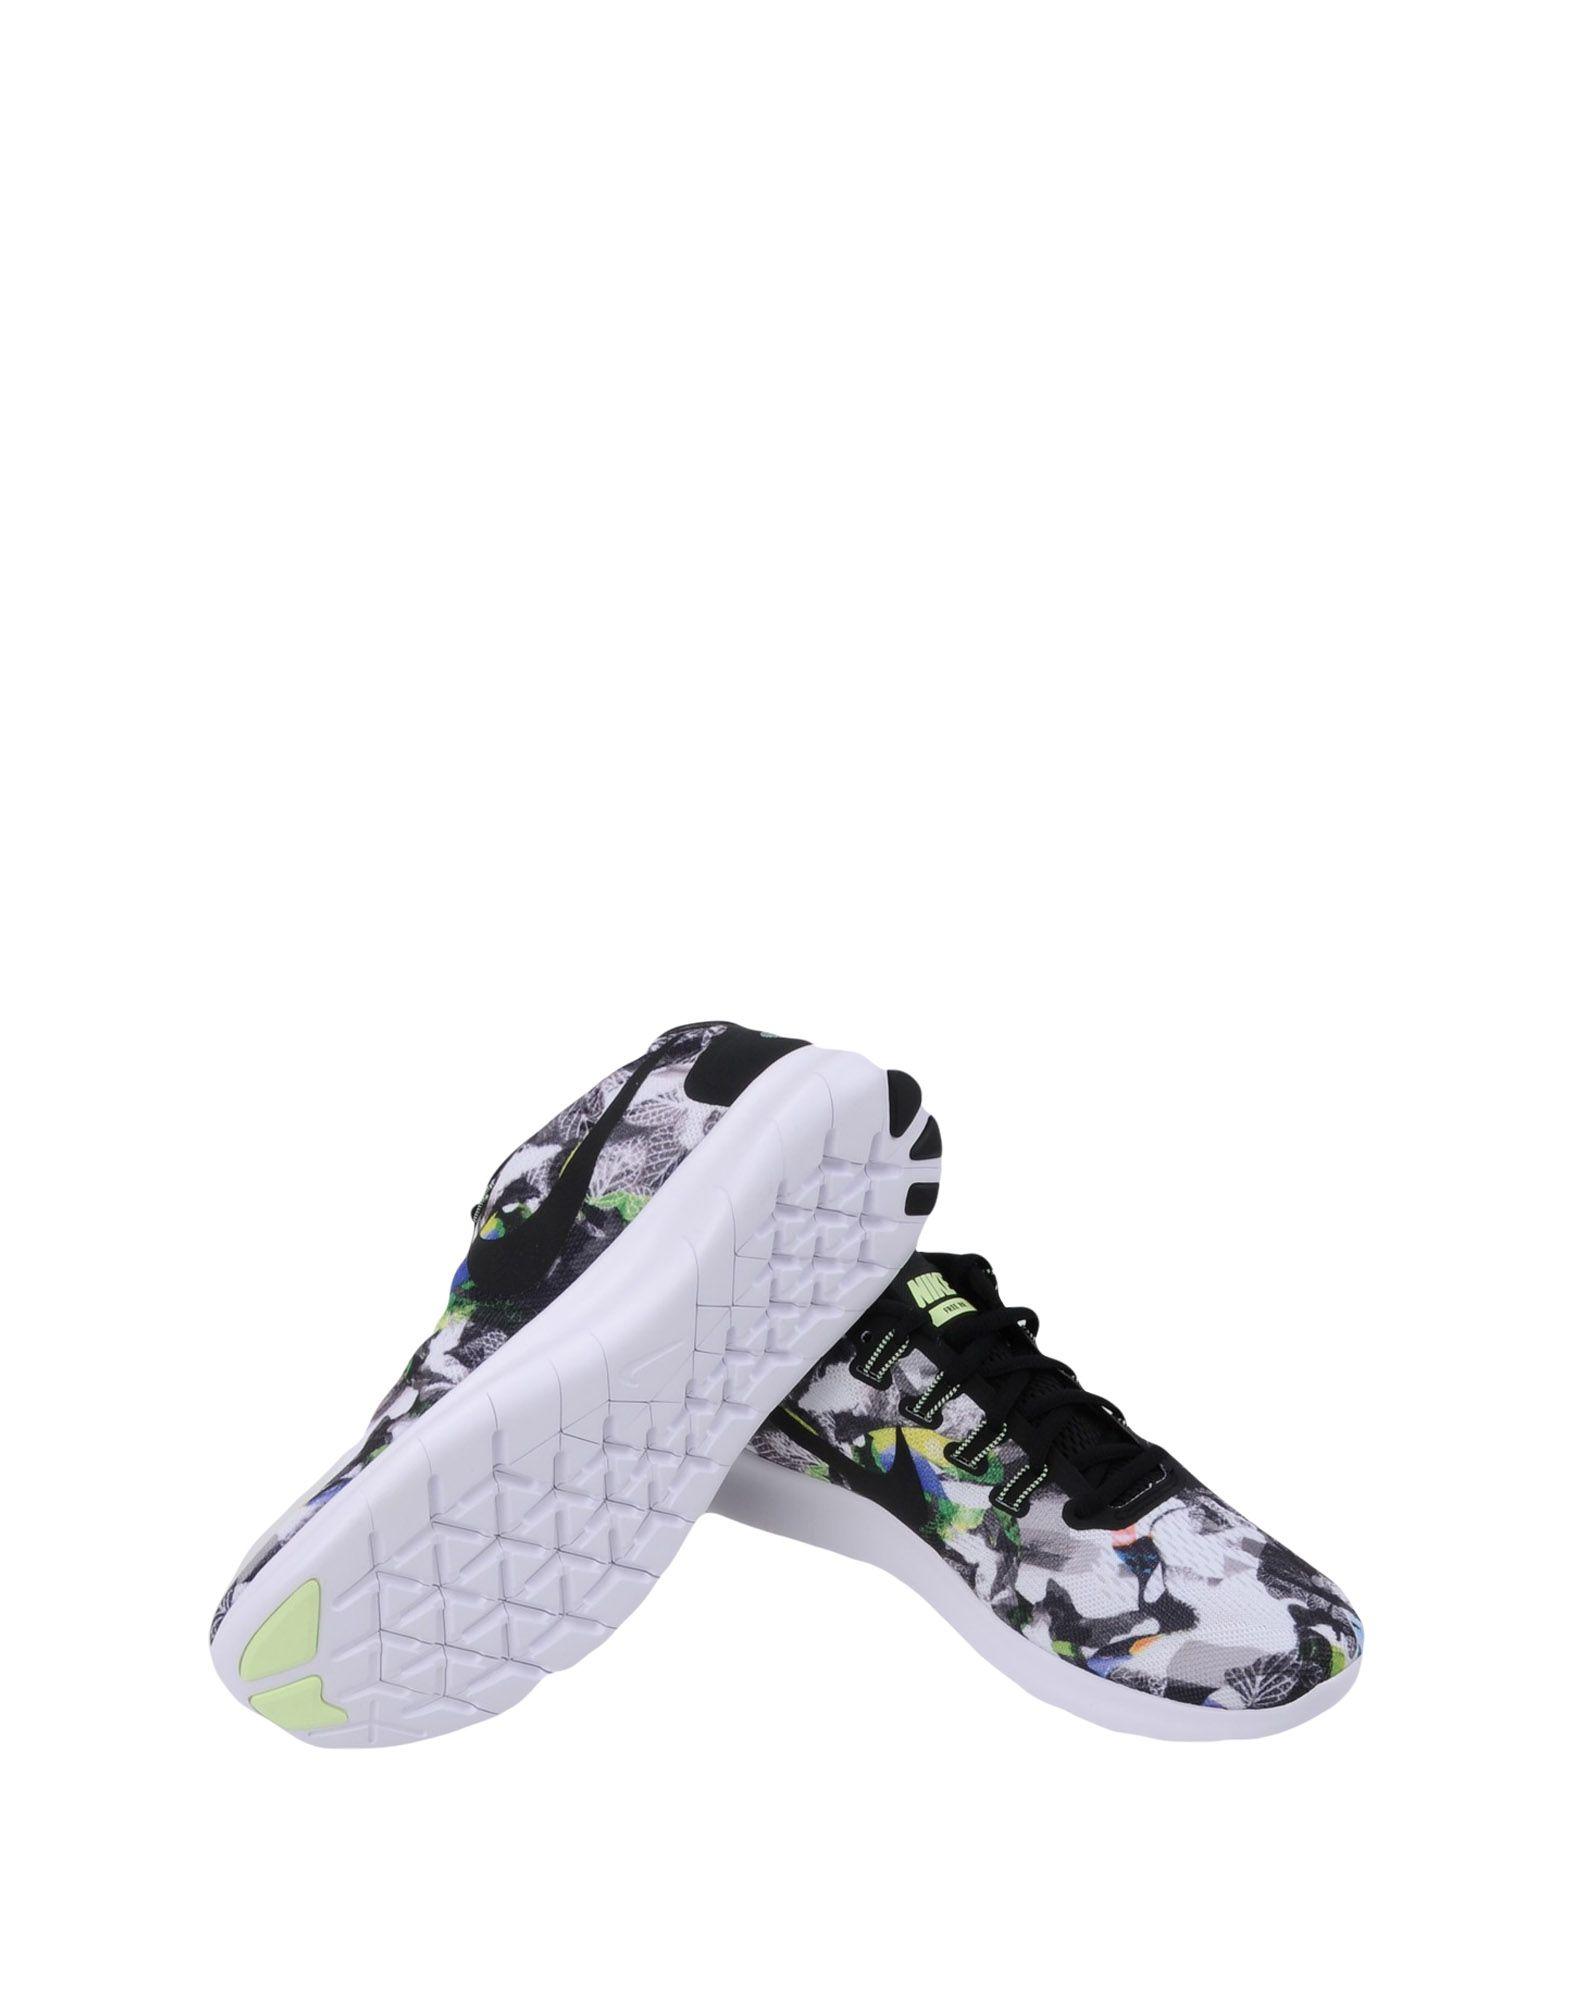 Sneakers Nike  Free Run 2017 Solstice - Homme - Sneakers Nike sur